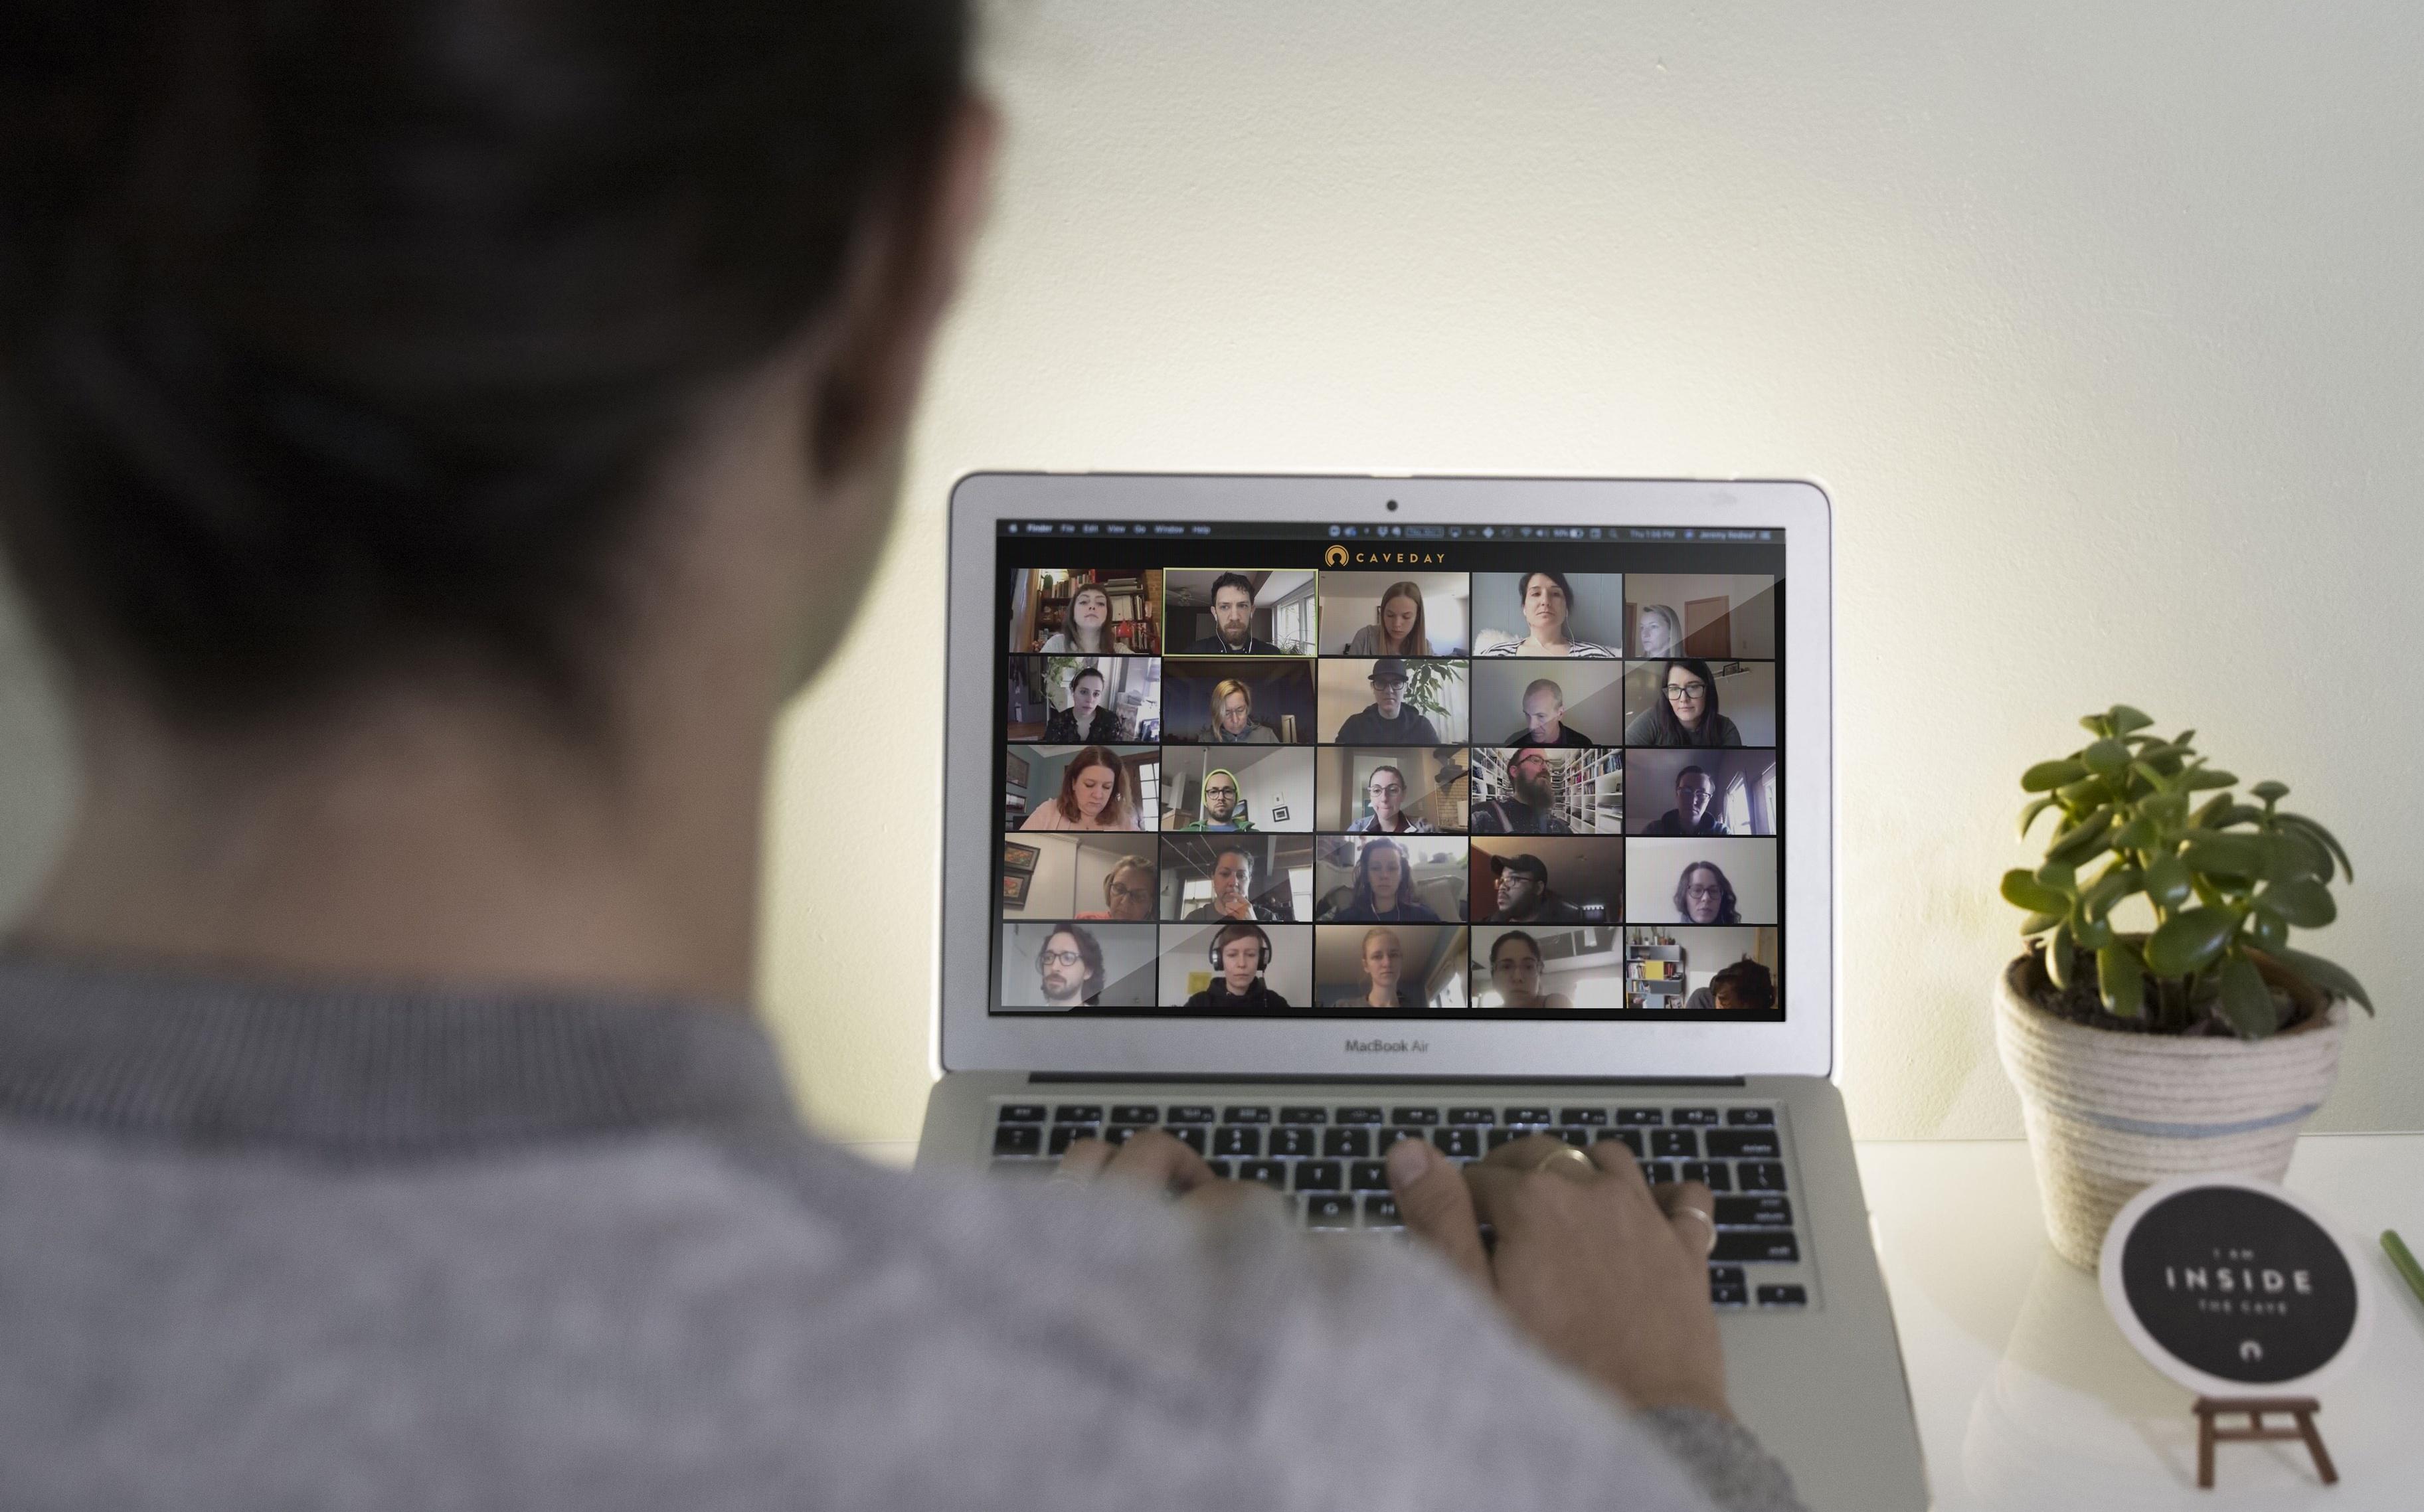 В США растёт популярность онлайн-сервисов для совместной удалённой работы